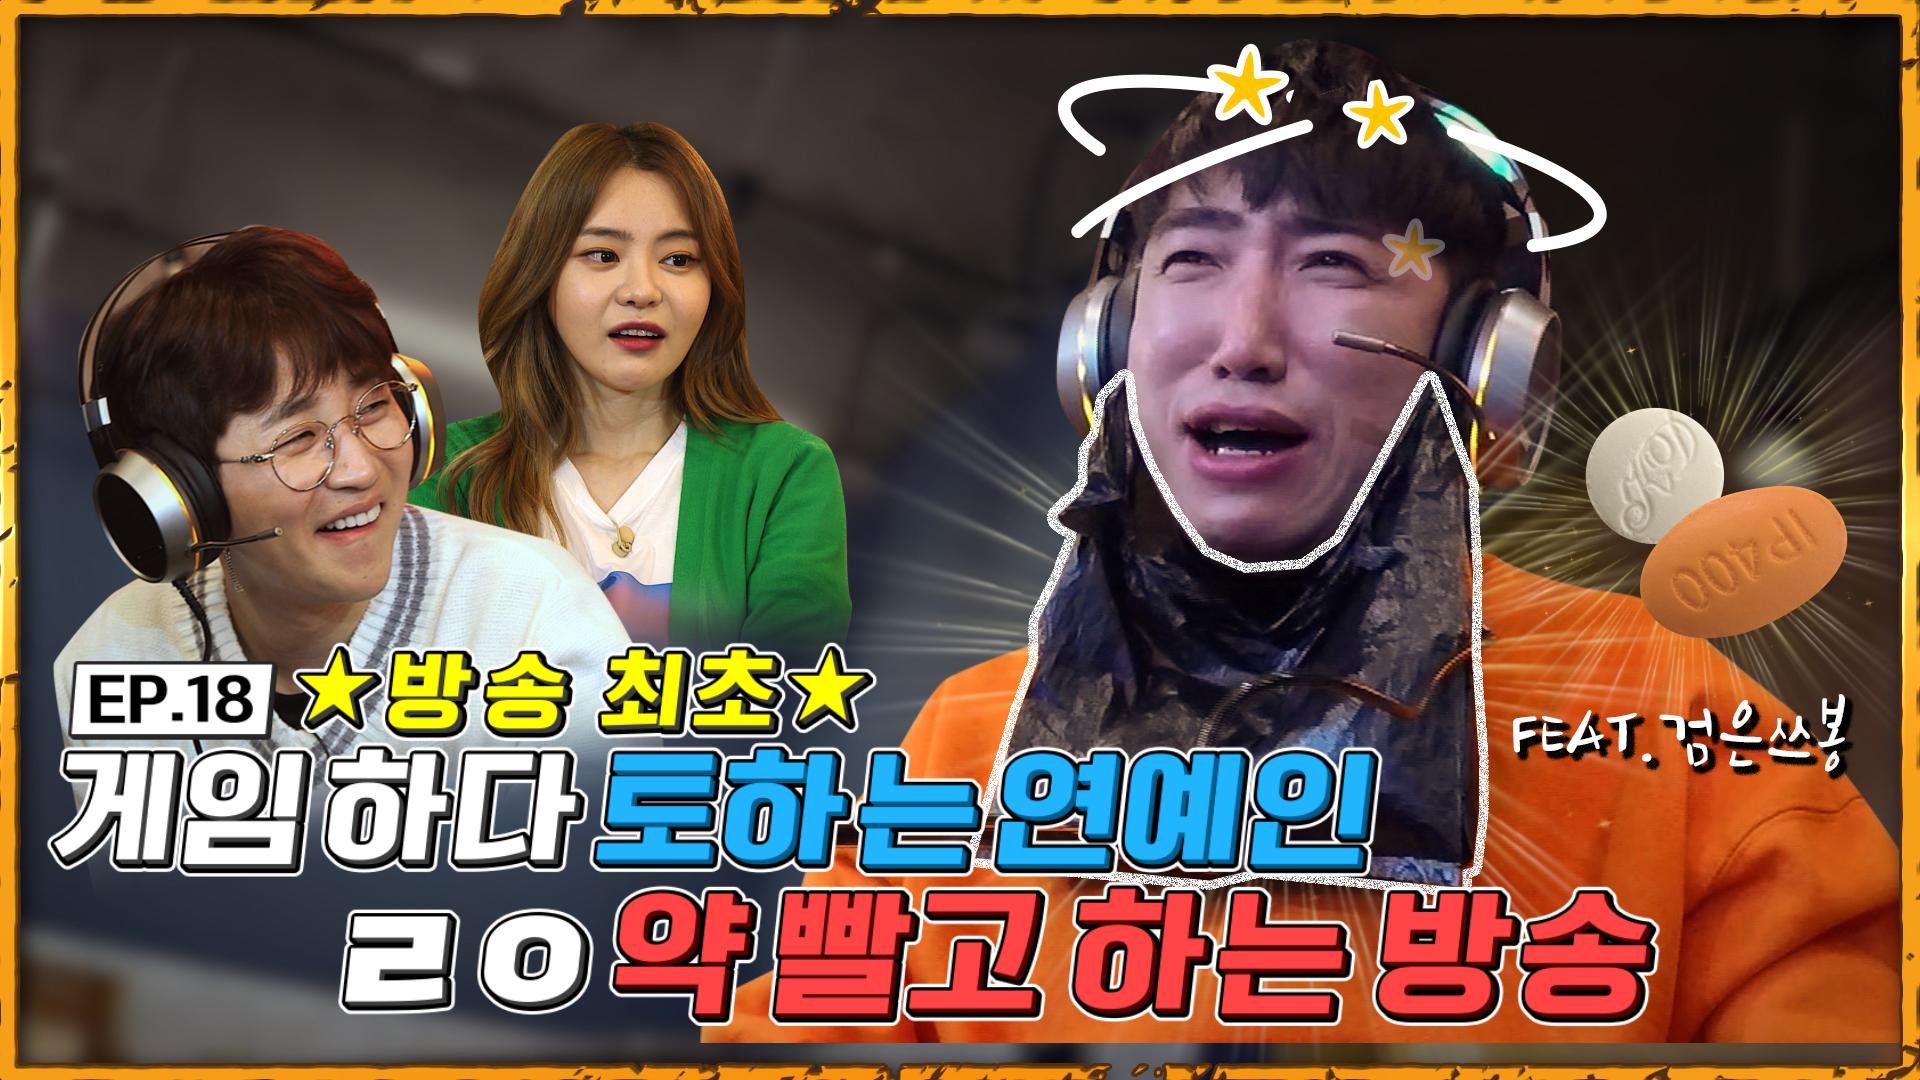 [핵인싸동맹]  EP.18 방송최초! 게임하다 토하는 연예인 ㄹㅇ약 빨고 하는 방송